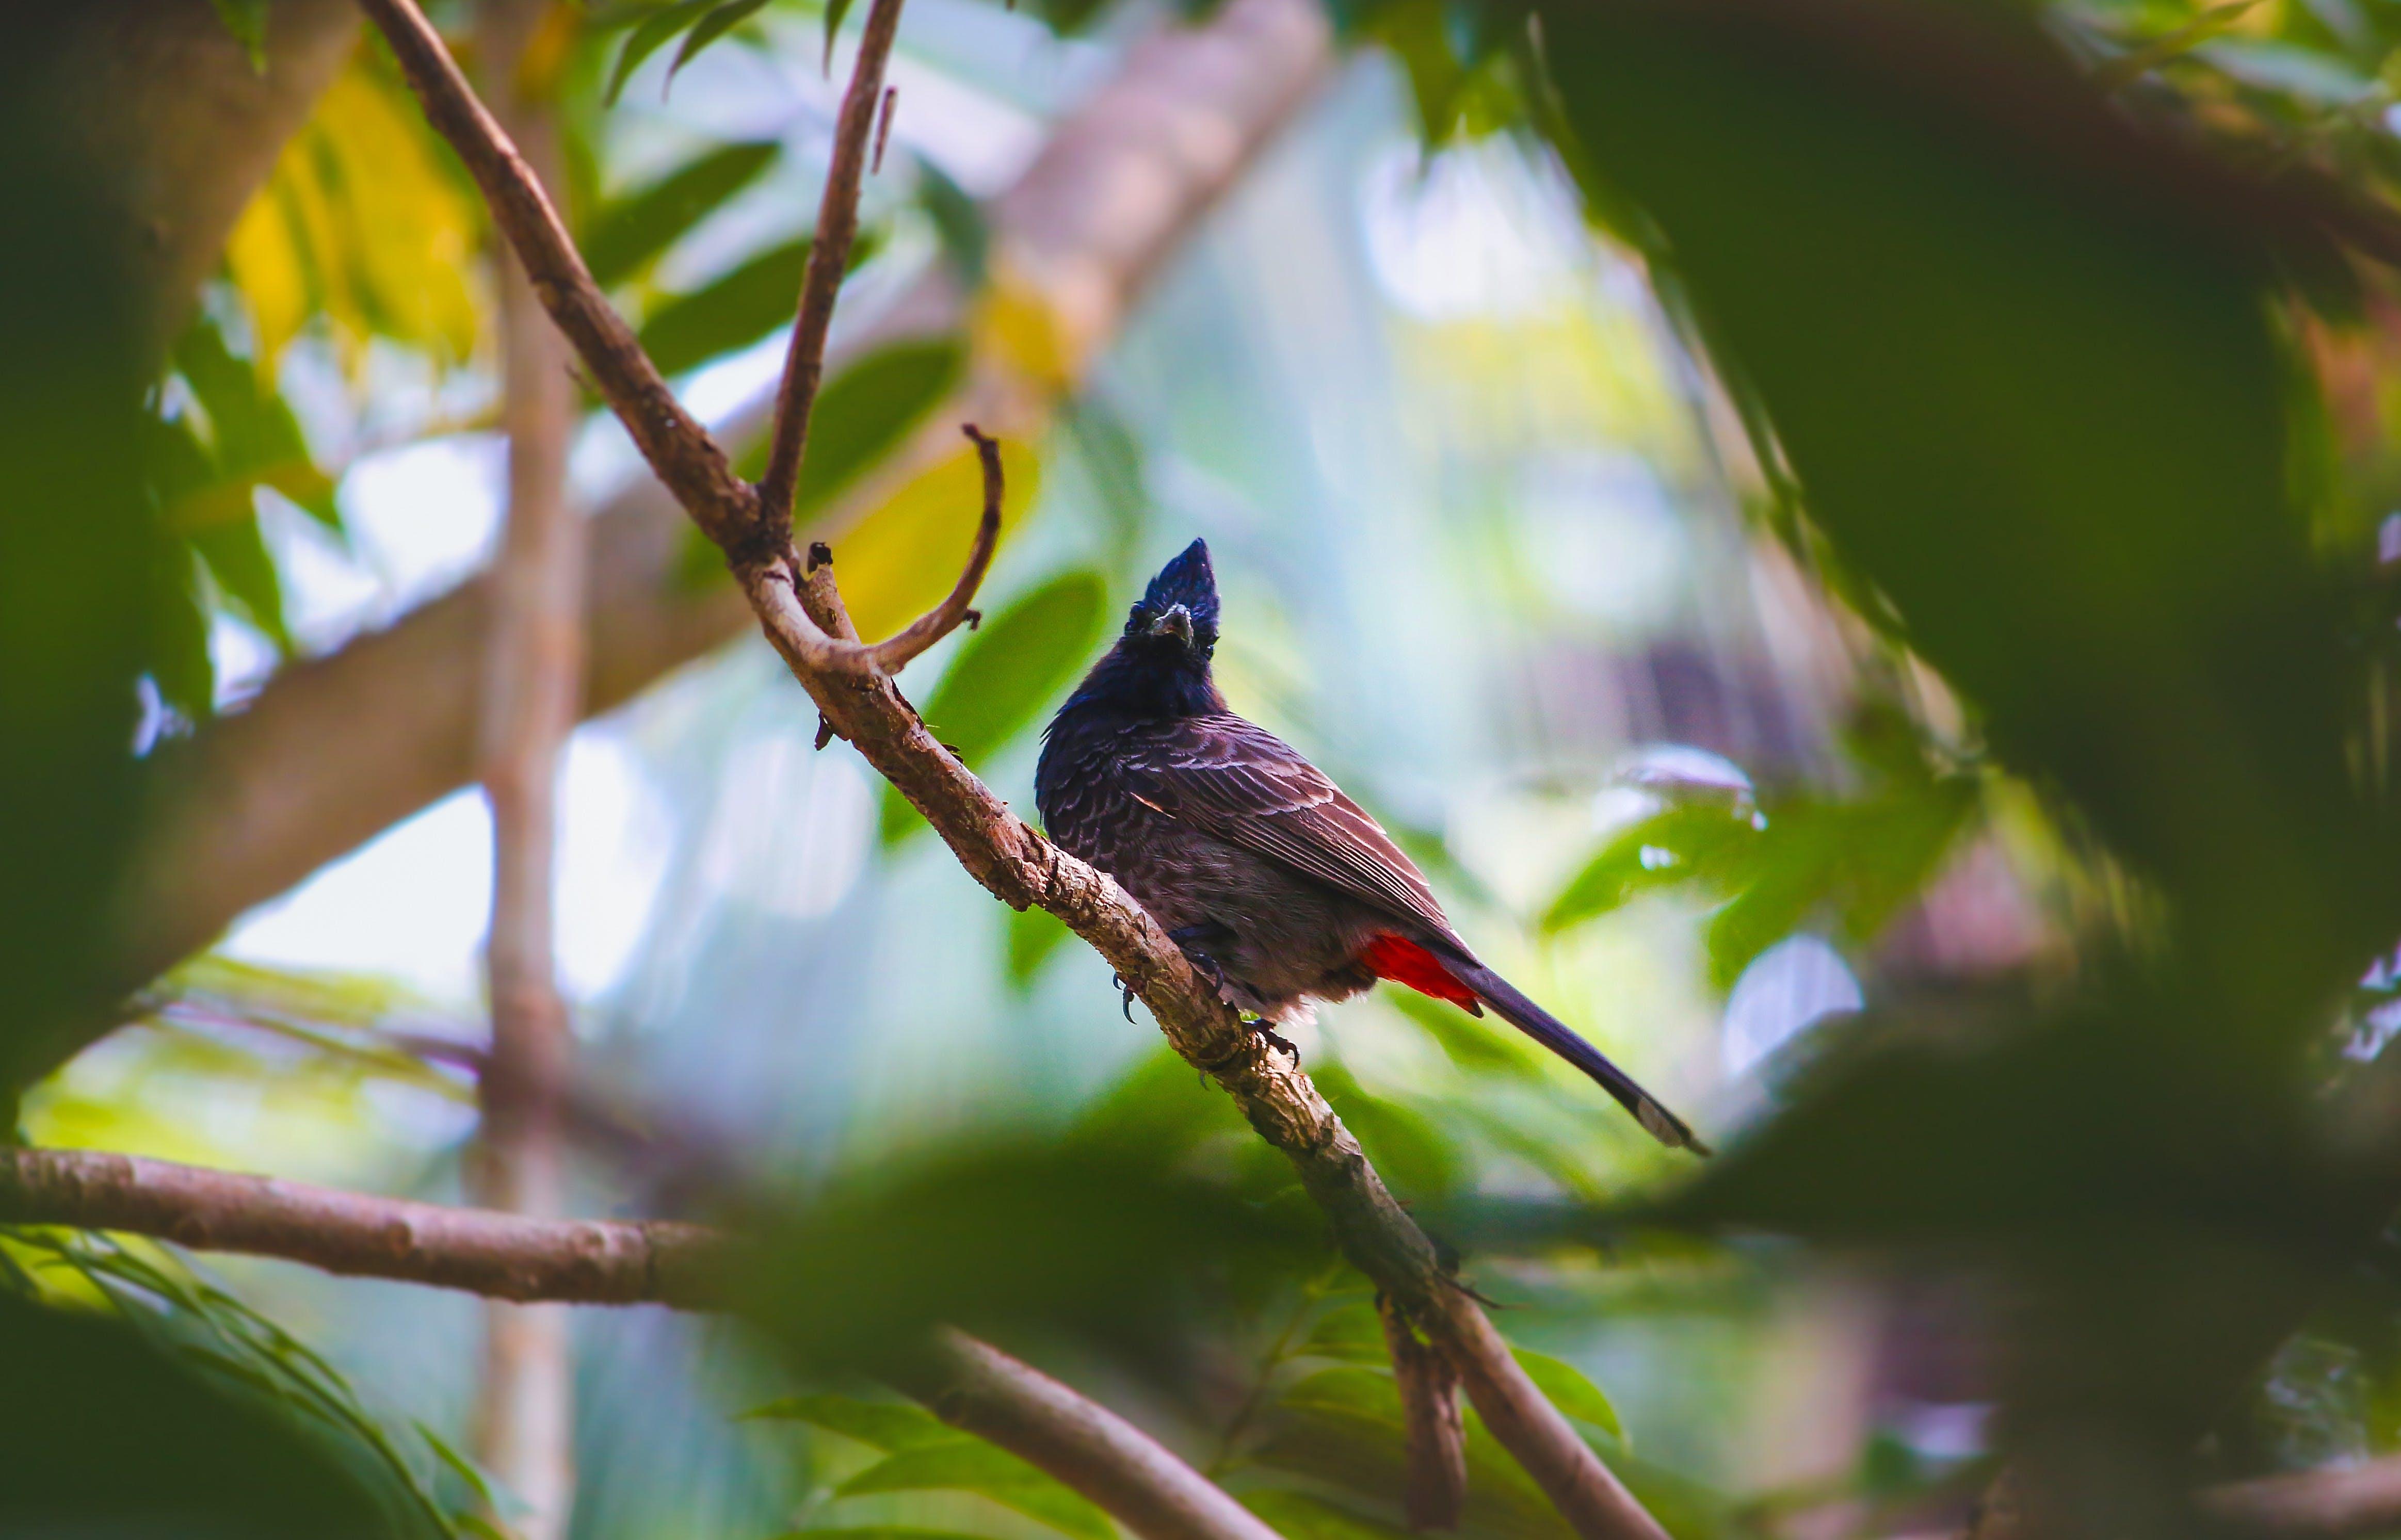 Bird Resting On Tree Branch